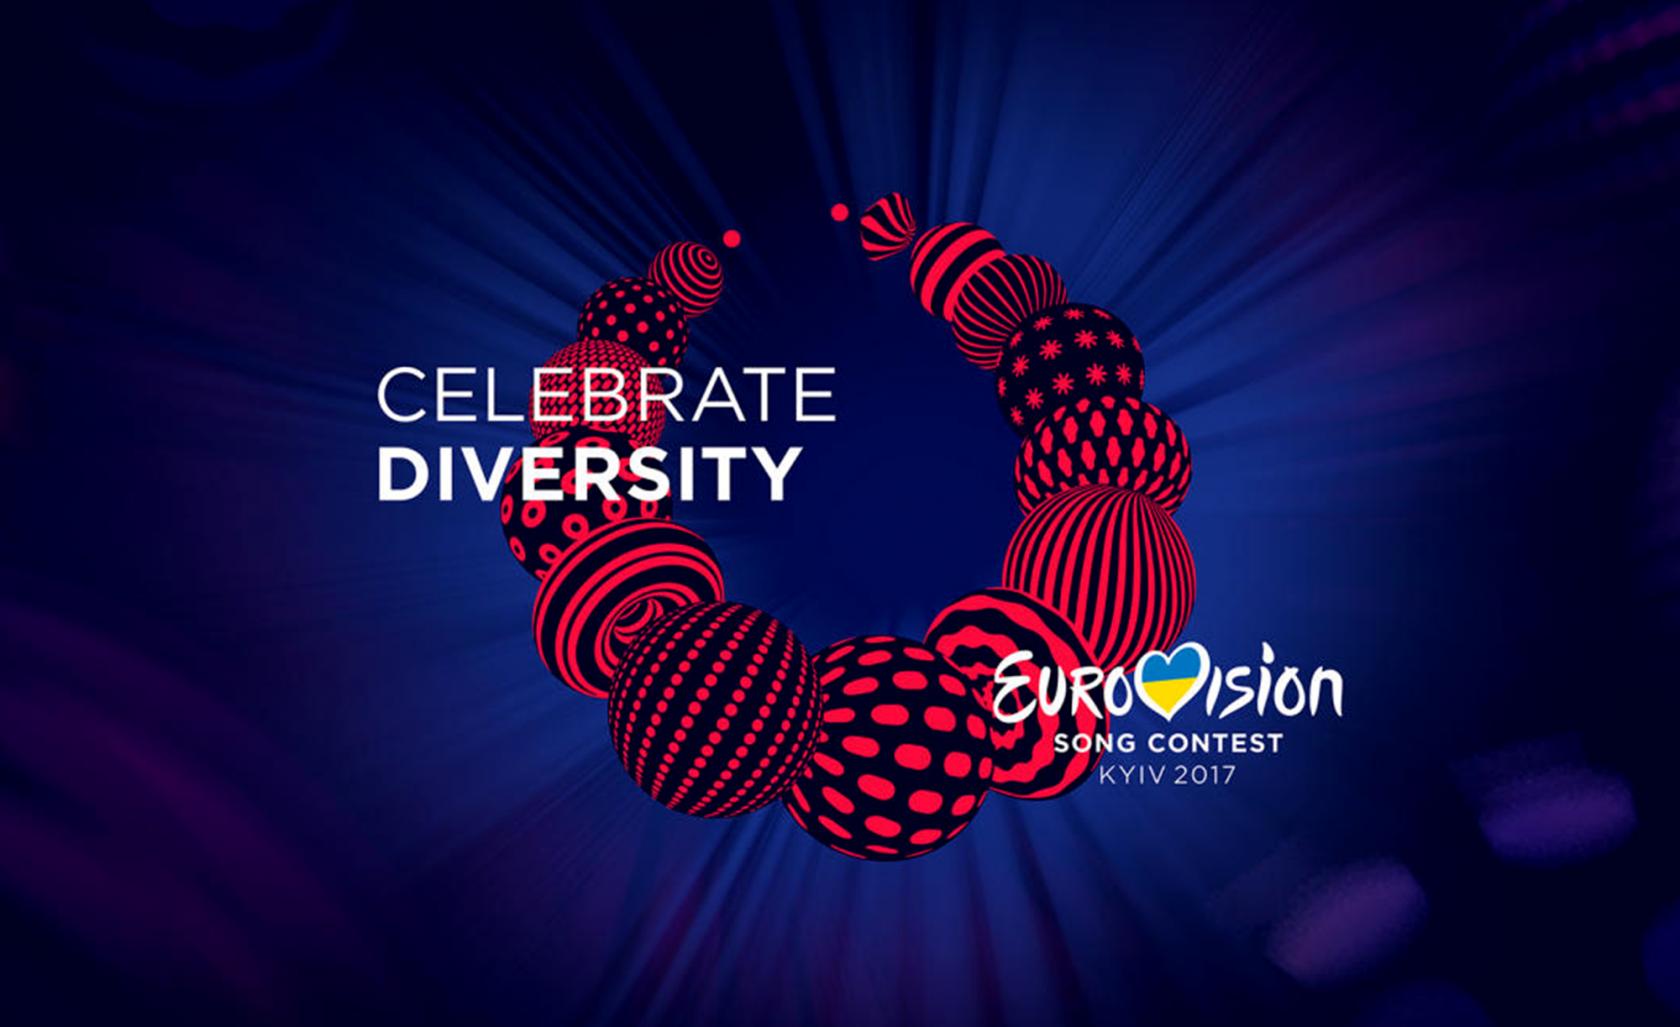 Слоган и лого Евровидение-2017: мнение экспертов